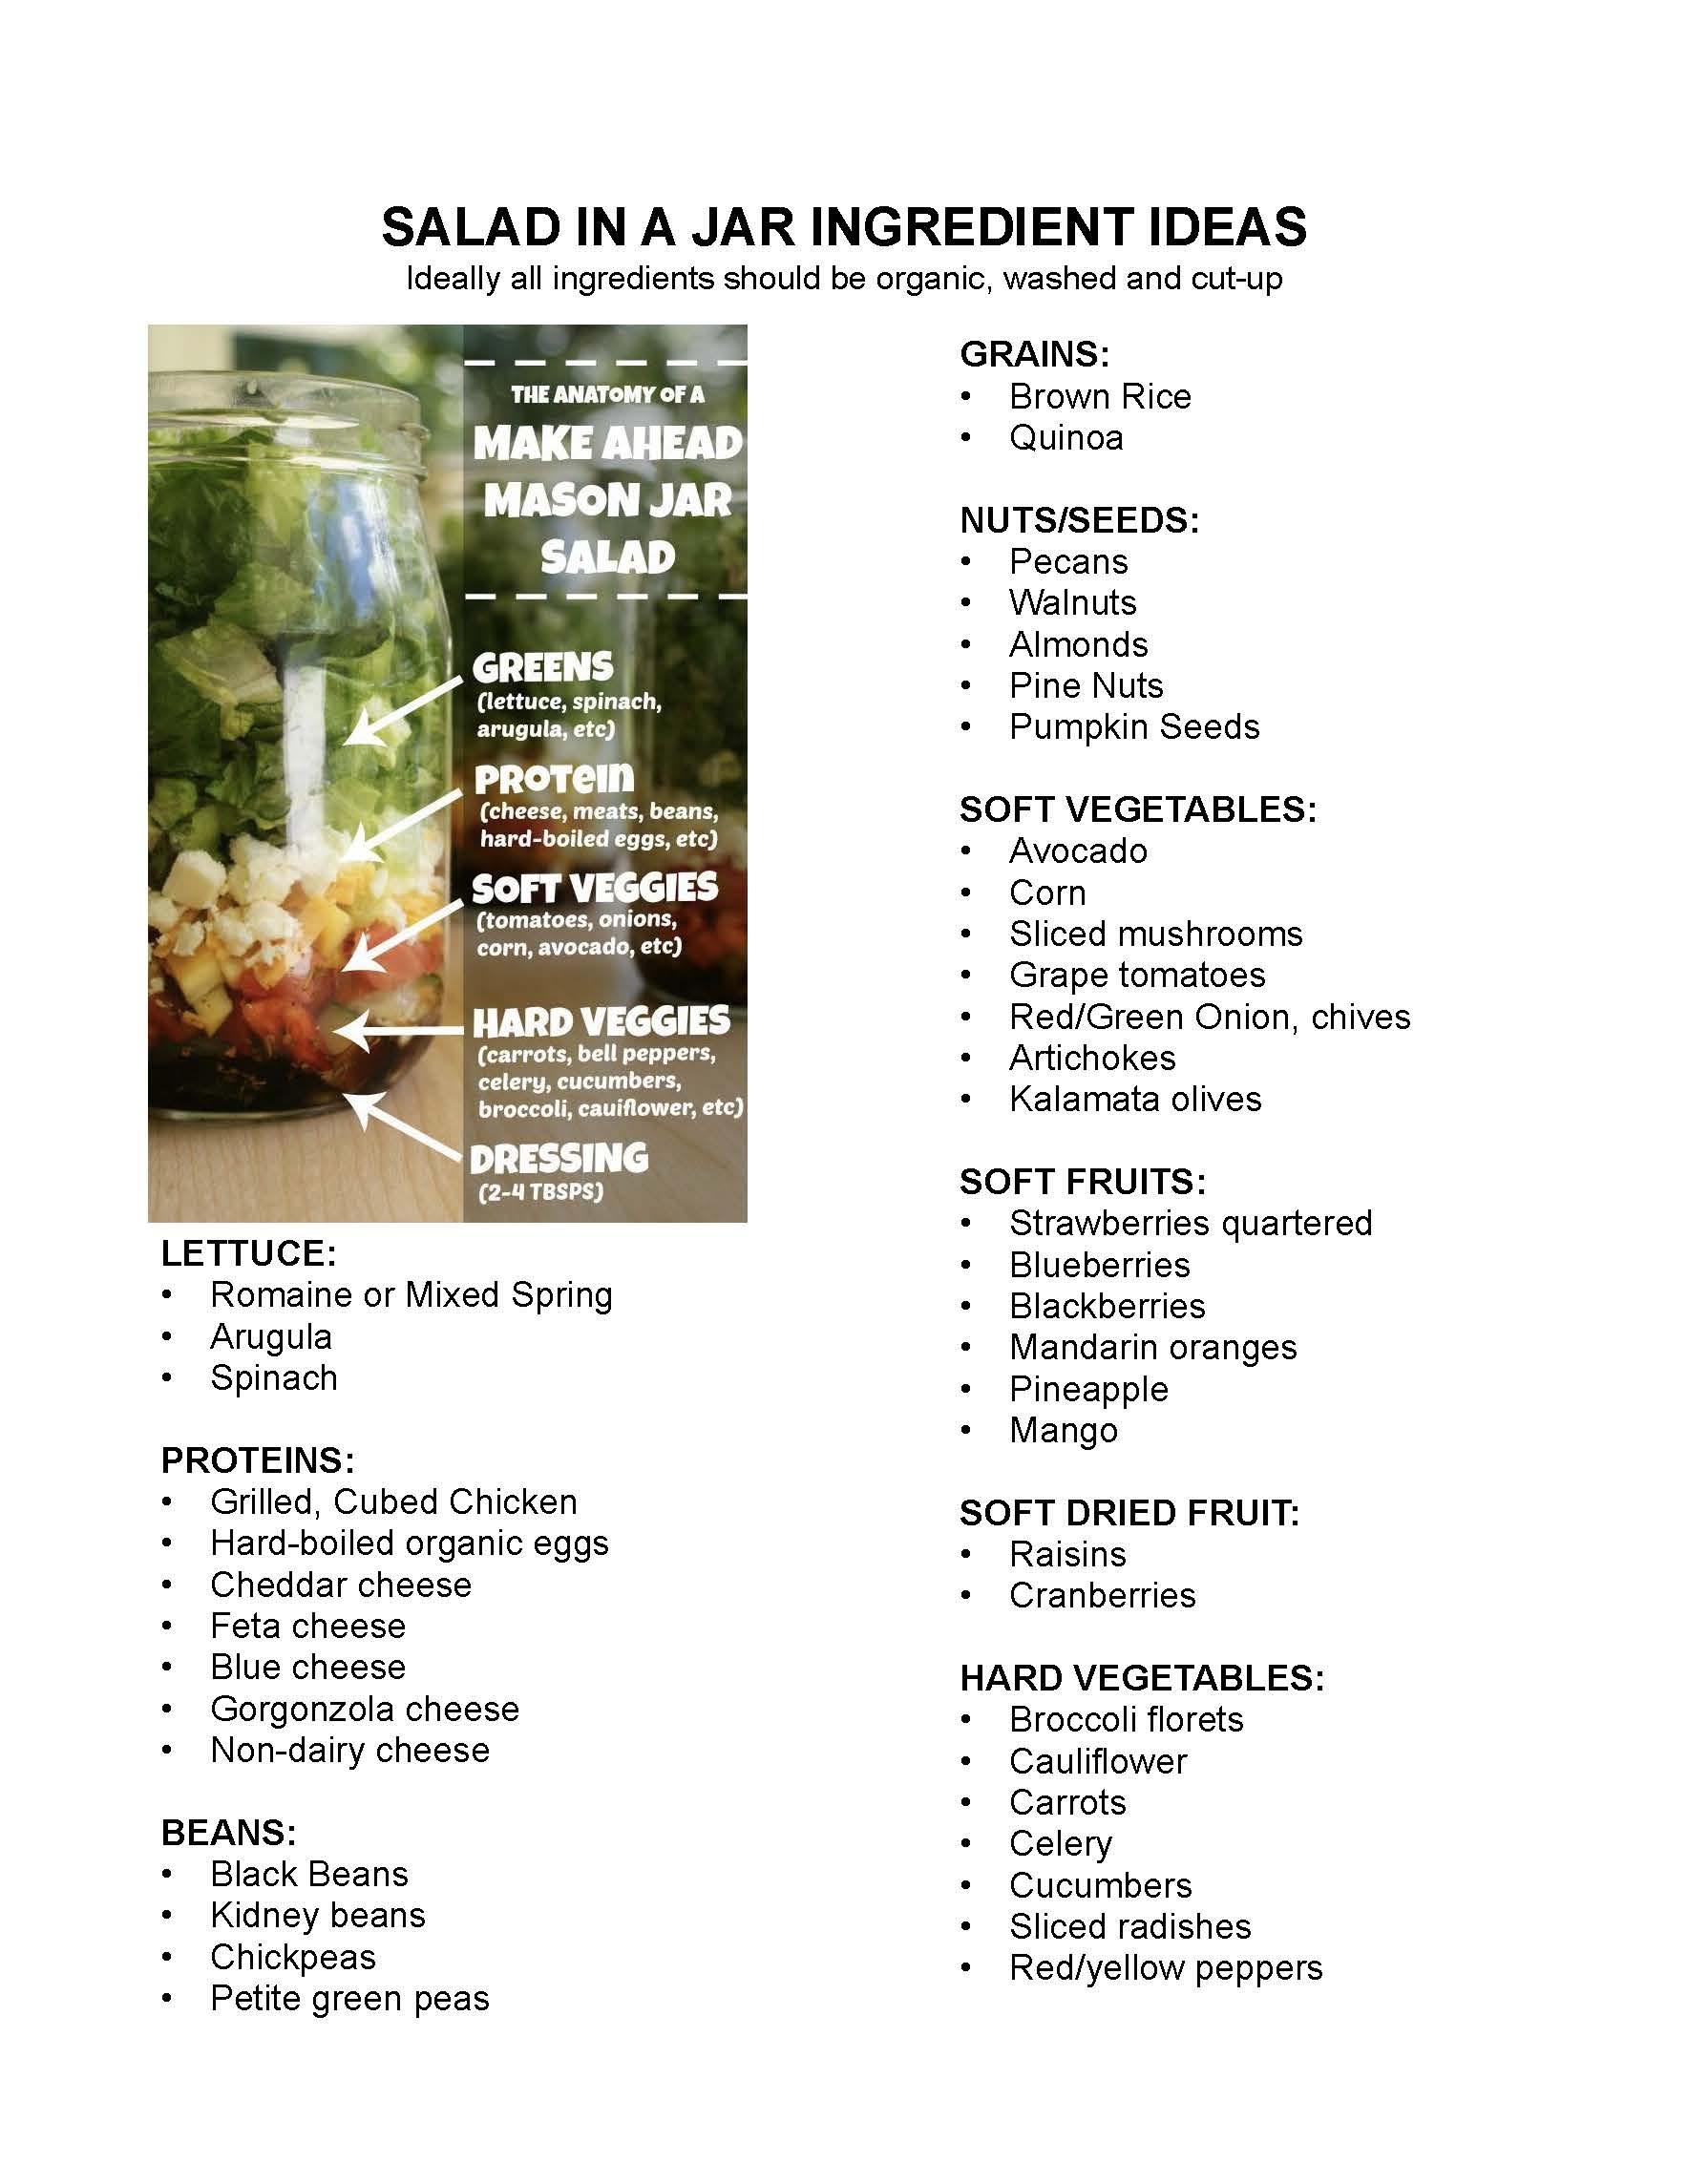 Salad in a Jar Ingredient Ideas.jpg